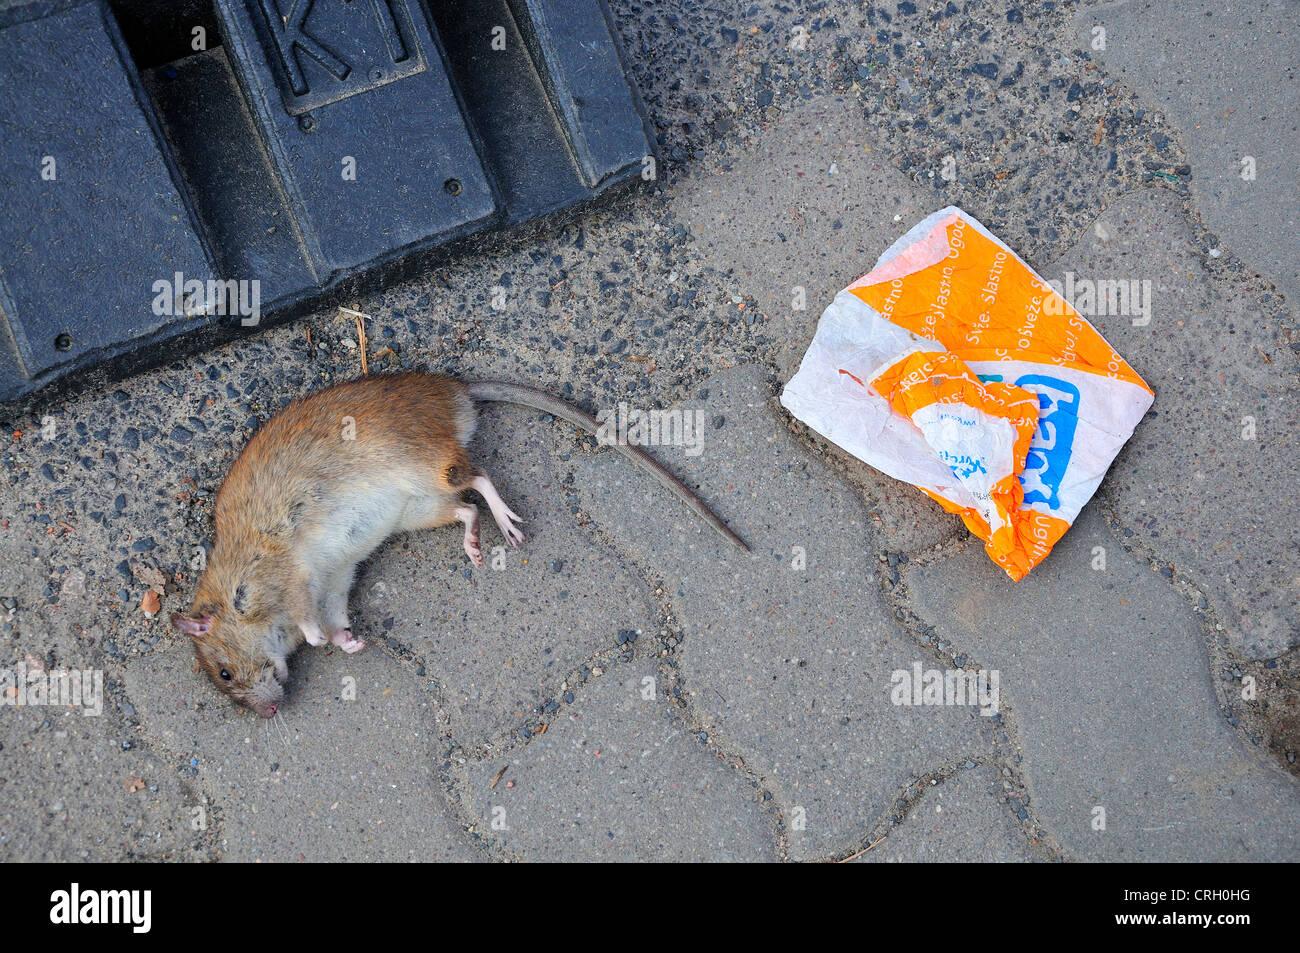 Berlin, Germany. Dead rat in the street - Stock Image